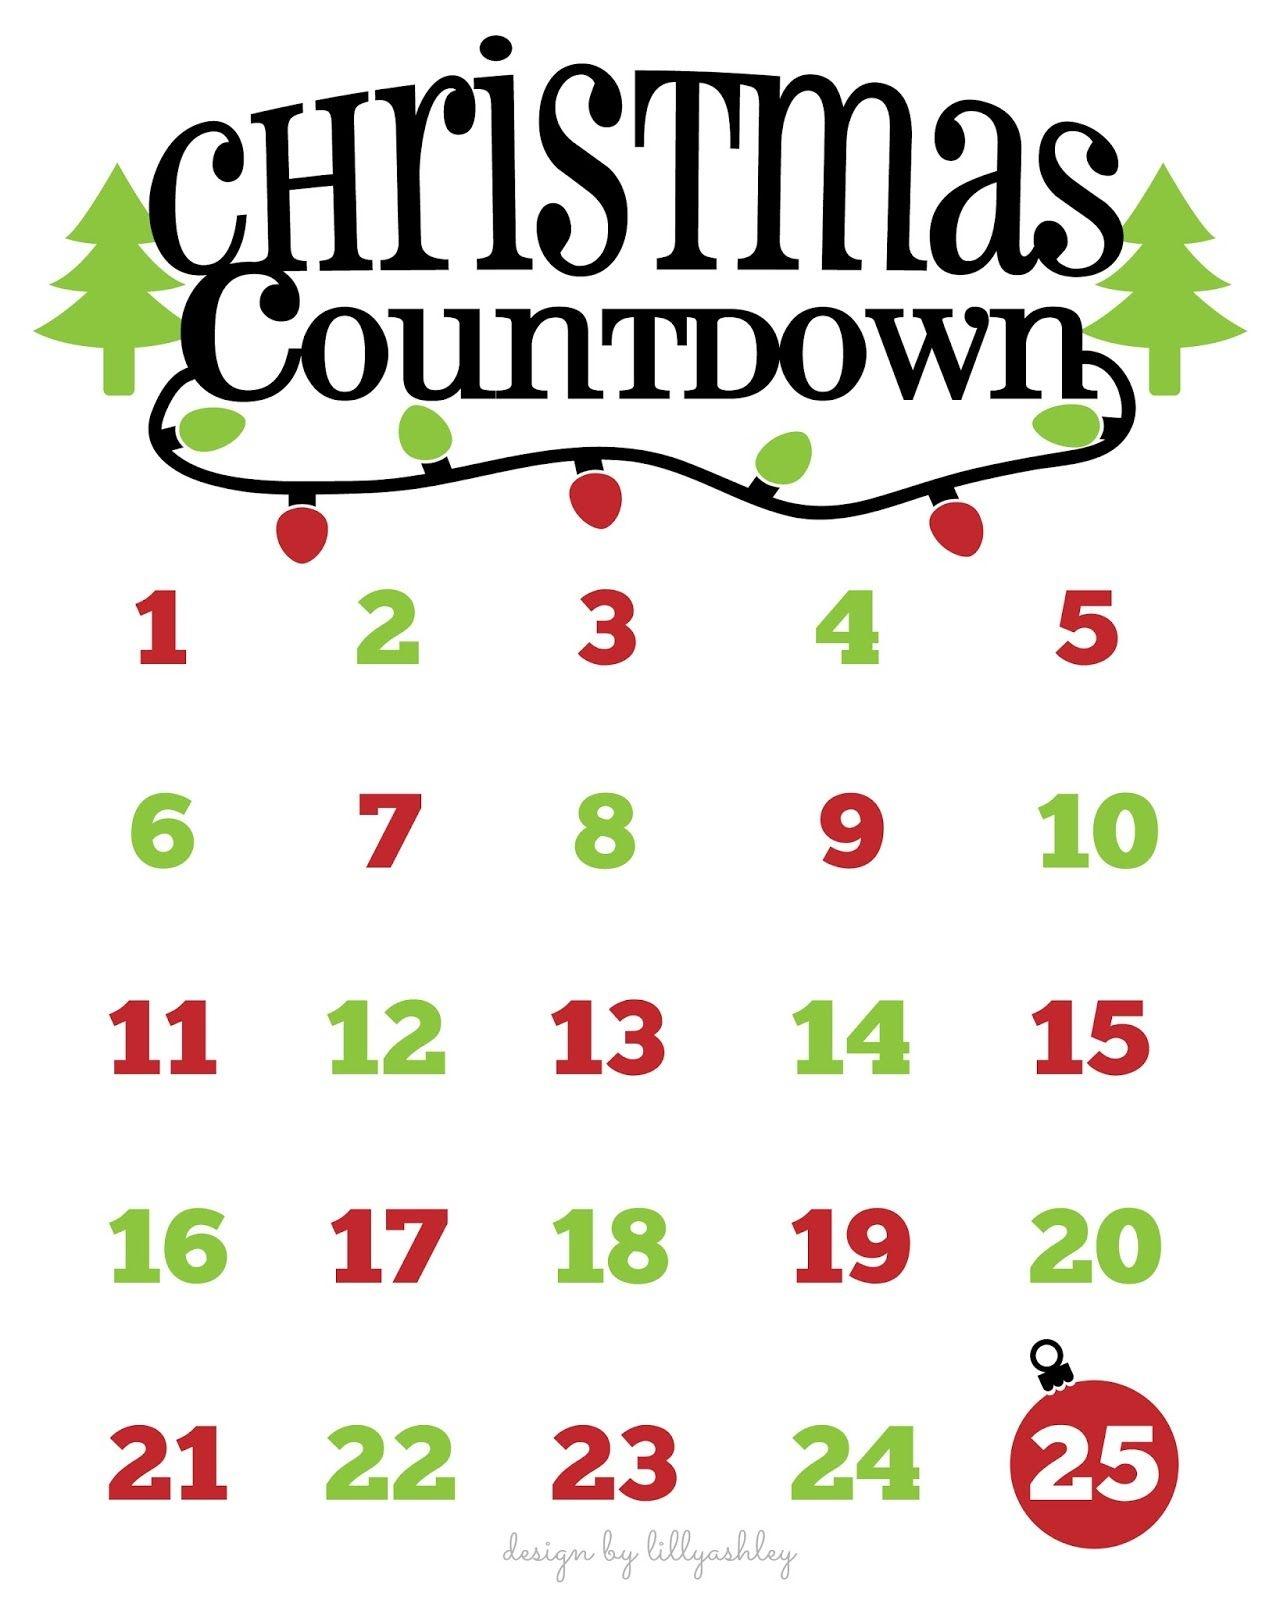 Christmas Countdown Free Printable And Free Svg | Cricut | Christmas - Christmas Countdown Free Printable